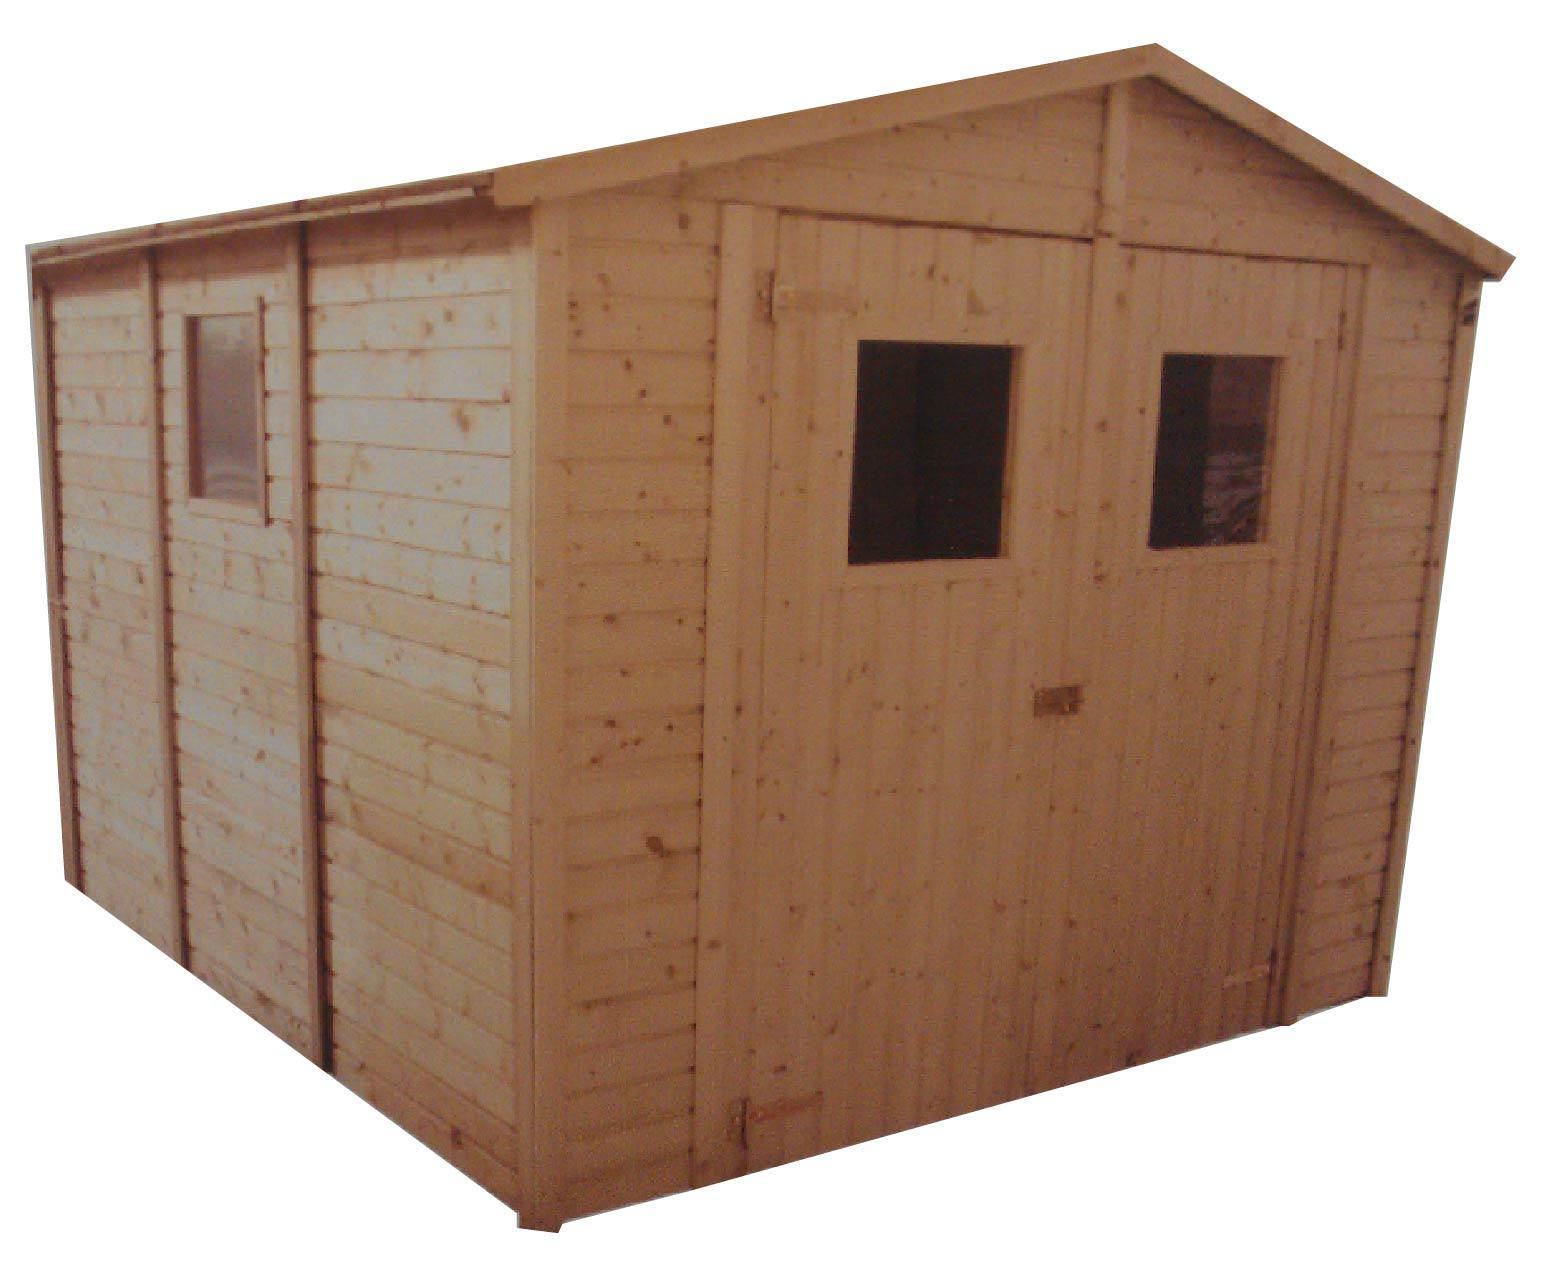 Zahradní dřevěný domek 3,3x3,9m (19mm) s okny SEVILLA II